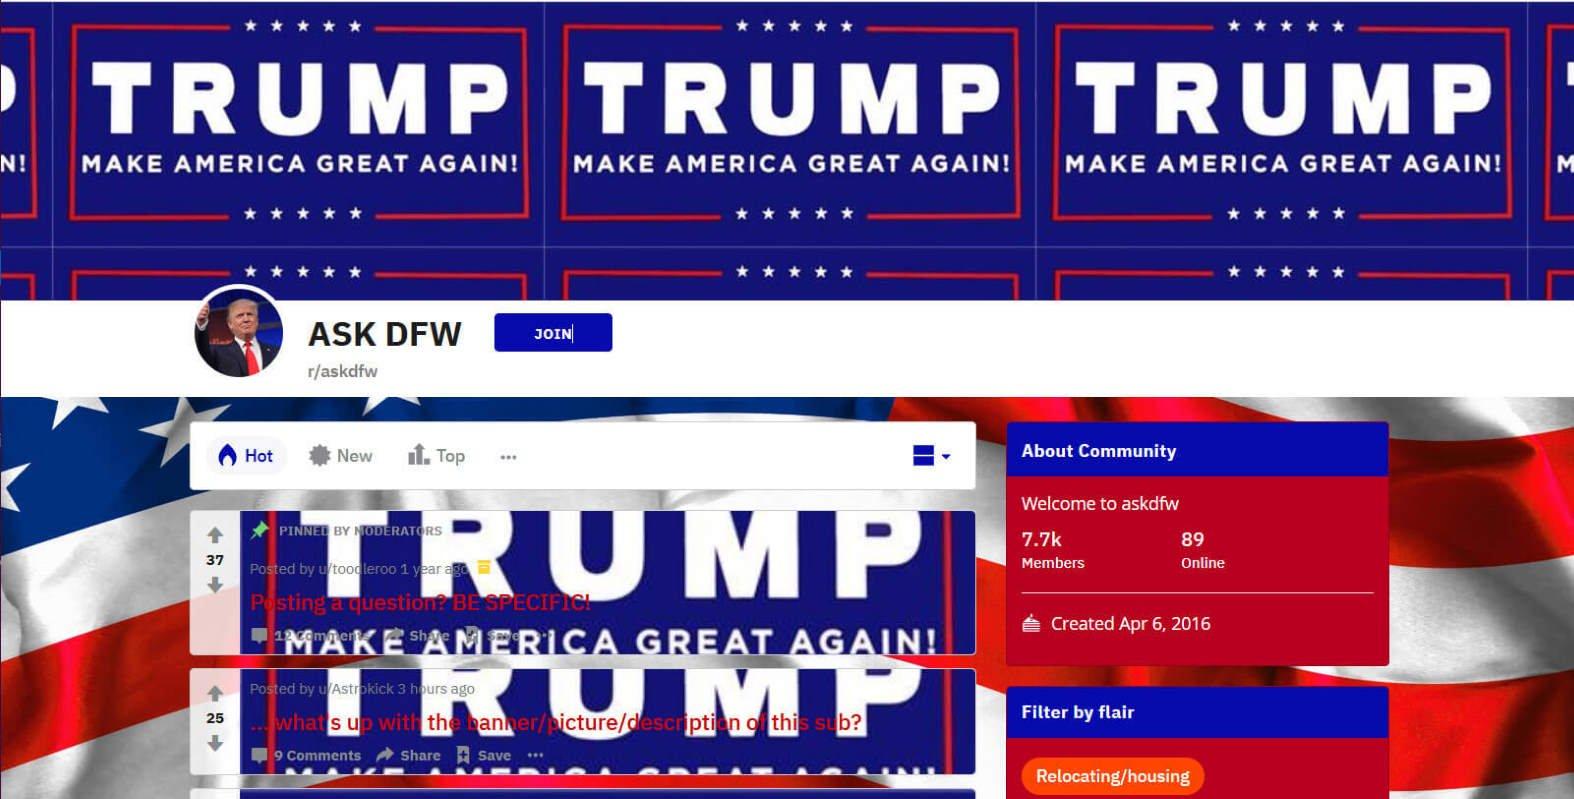 Reddit colpito da un hack coordinato che promuove la rielezione di Trump